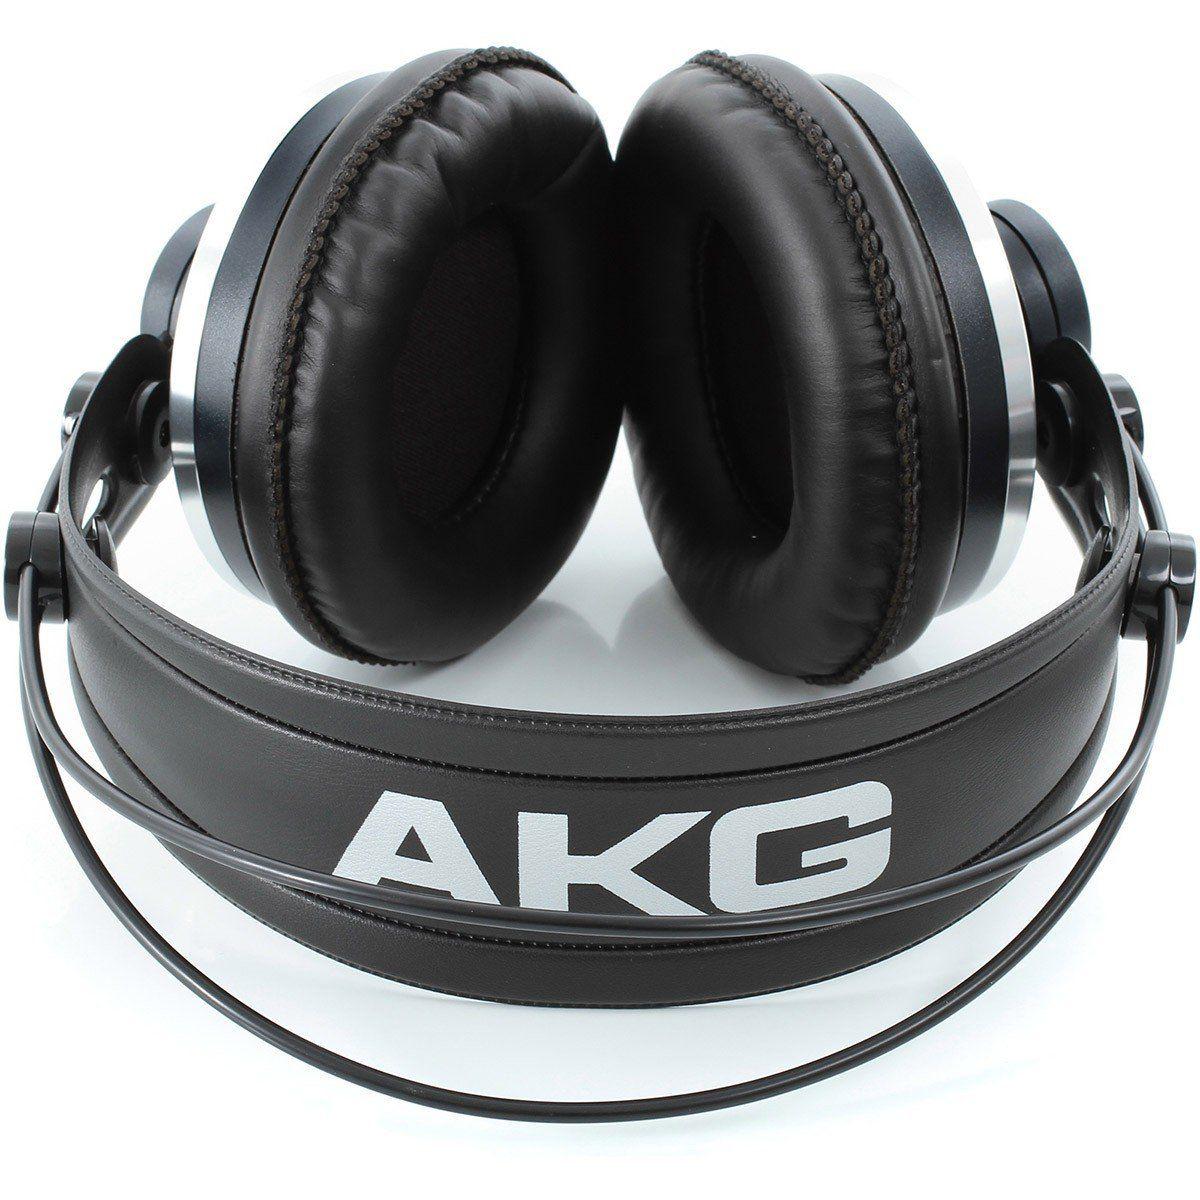 Akg K271 MKII Fone de Ouvido K-271 MK2 Fechado para Estúdio e Palcos